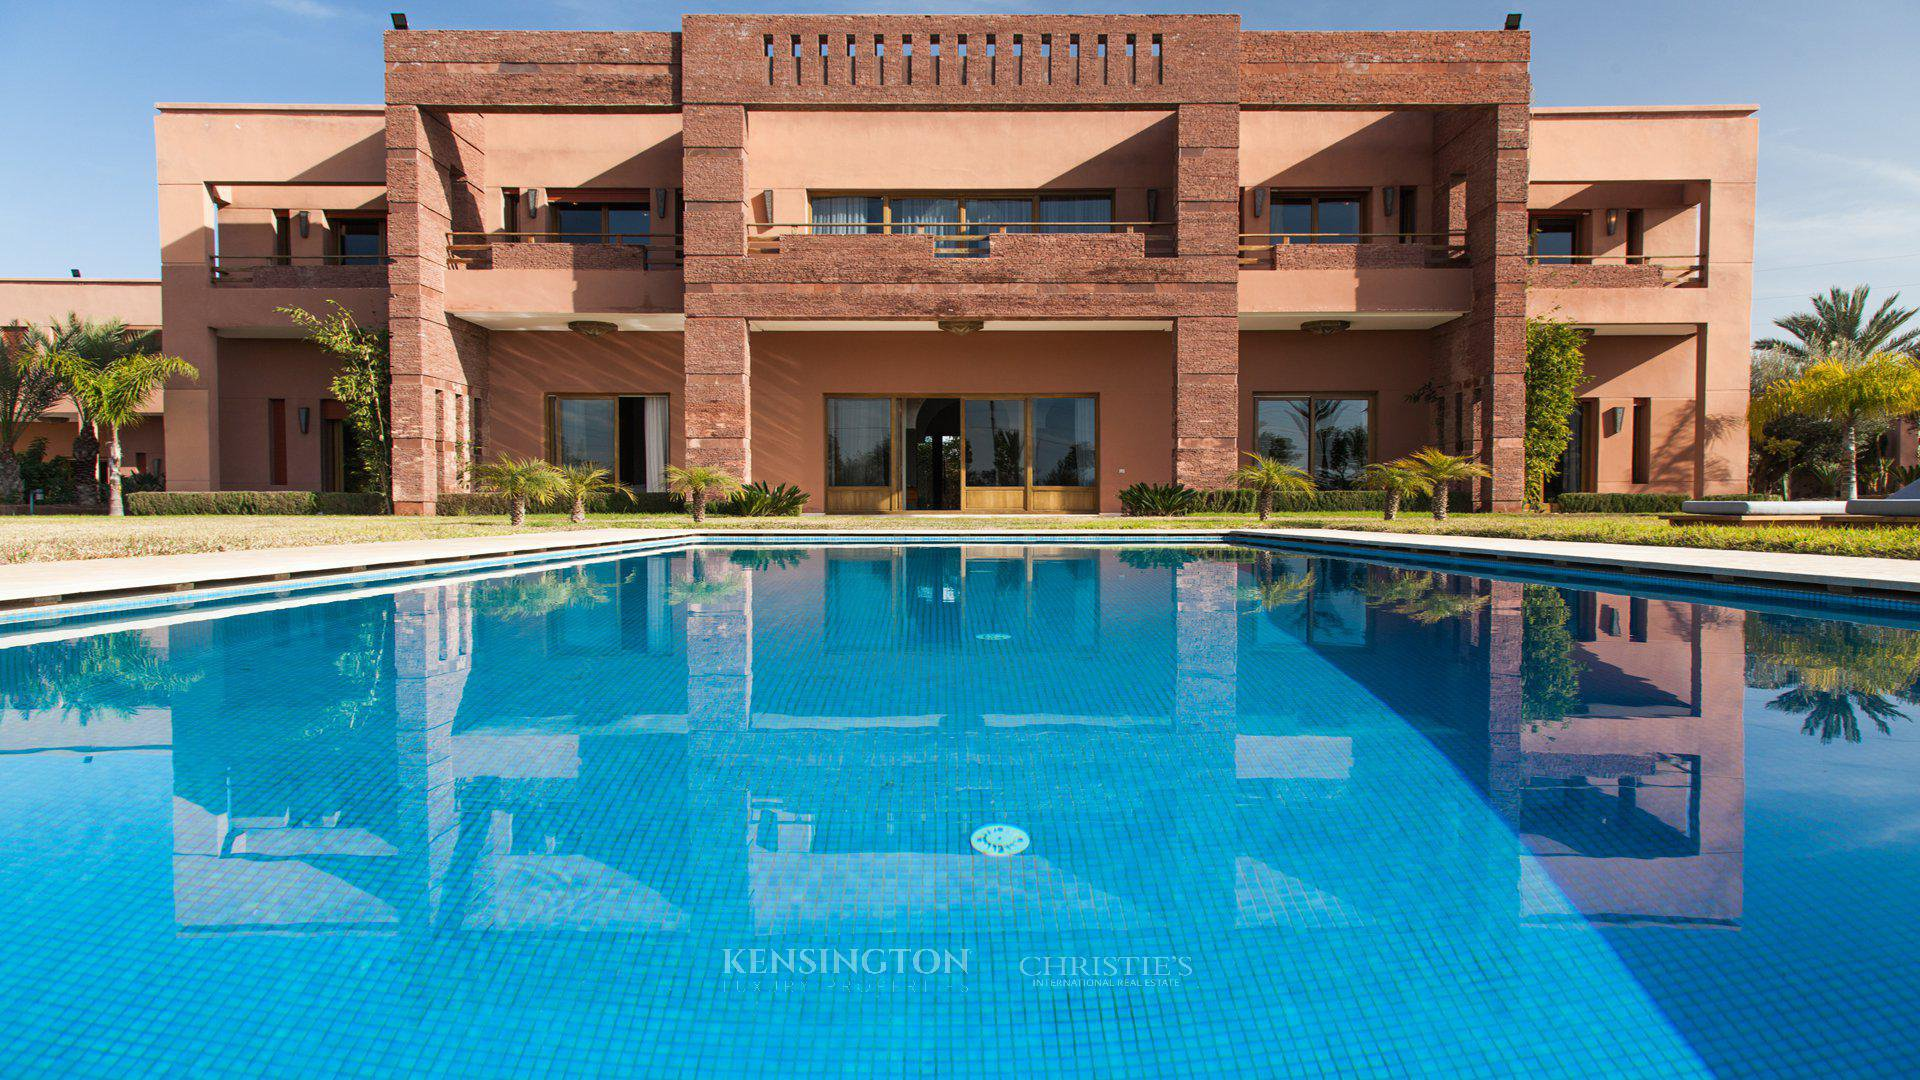 KPPM00454: Villa Capella Luxury Villa Marrakech Morocco